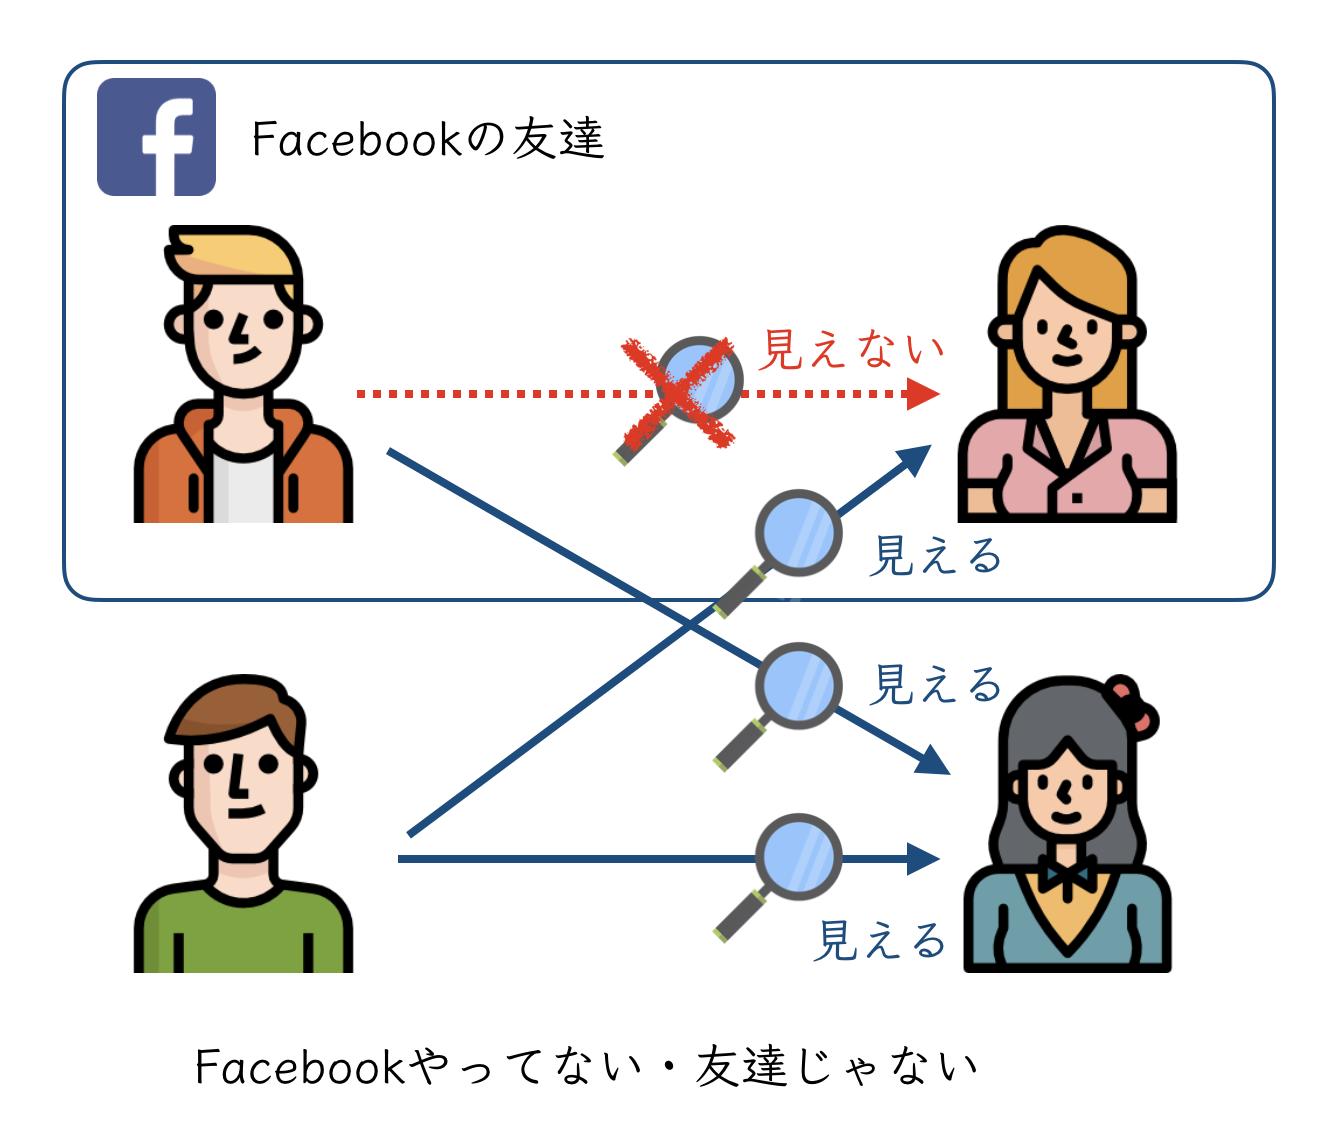 Facebookの友達に自分のプロフィールが見えない例